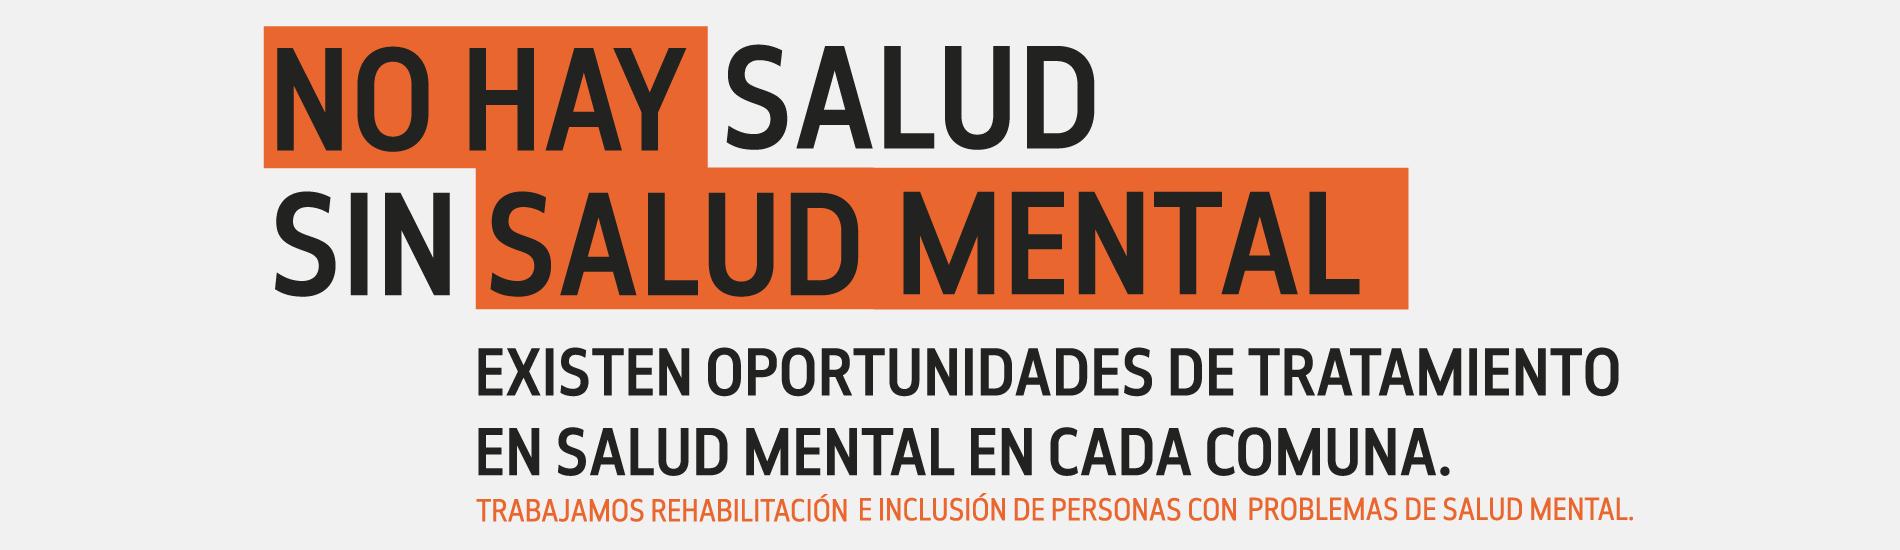 Banner-salud-mental-naranja-